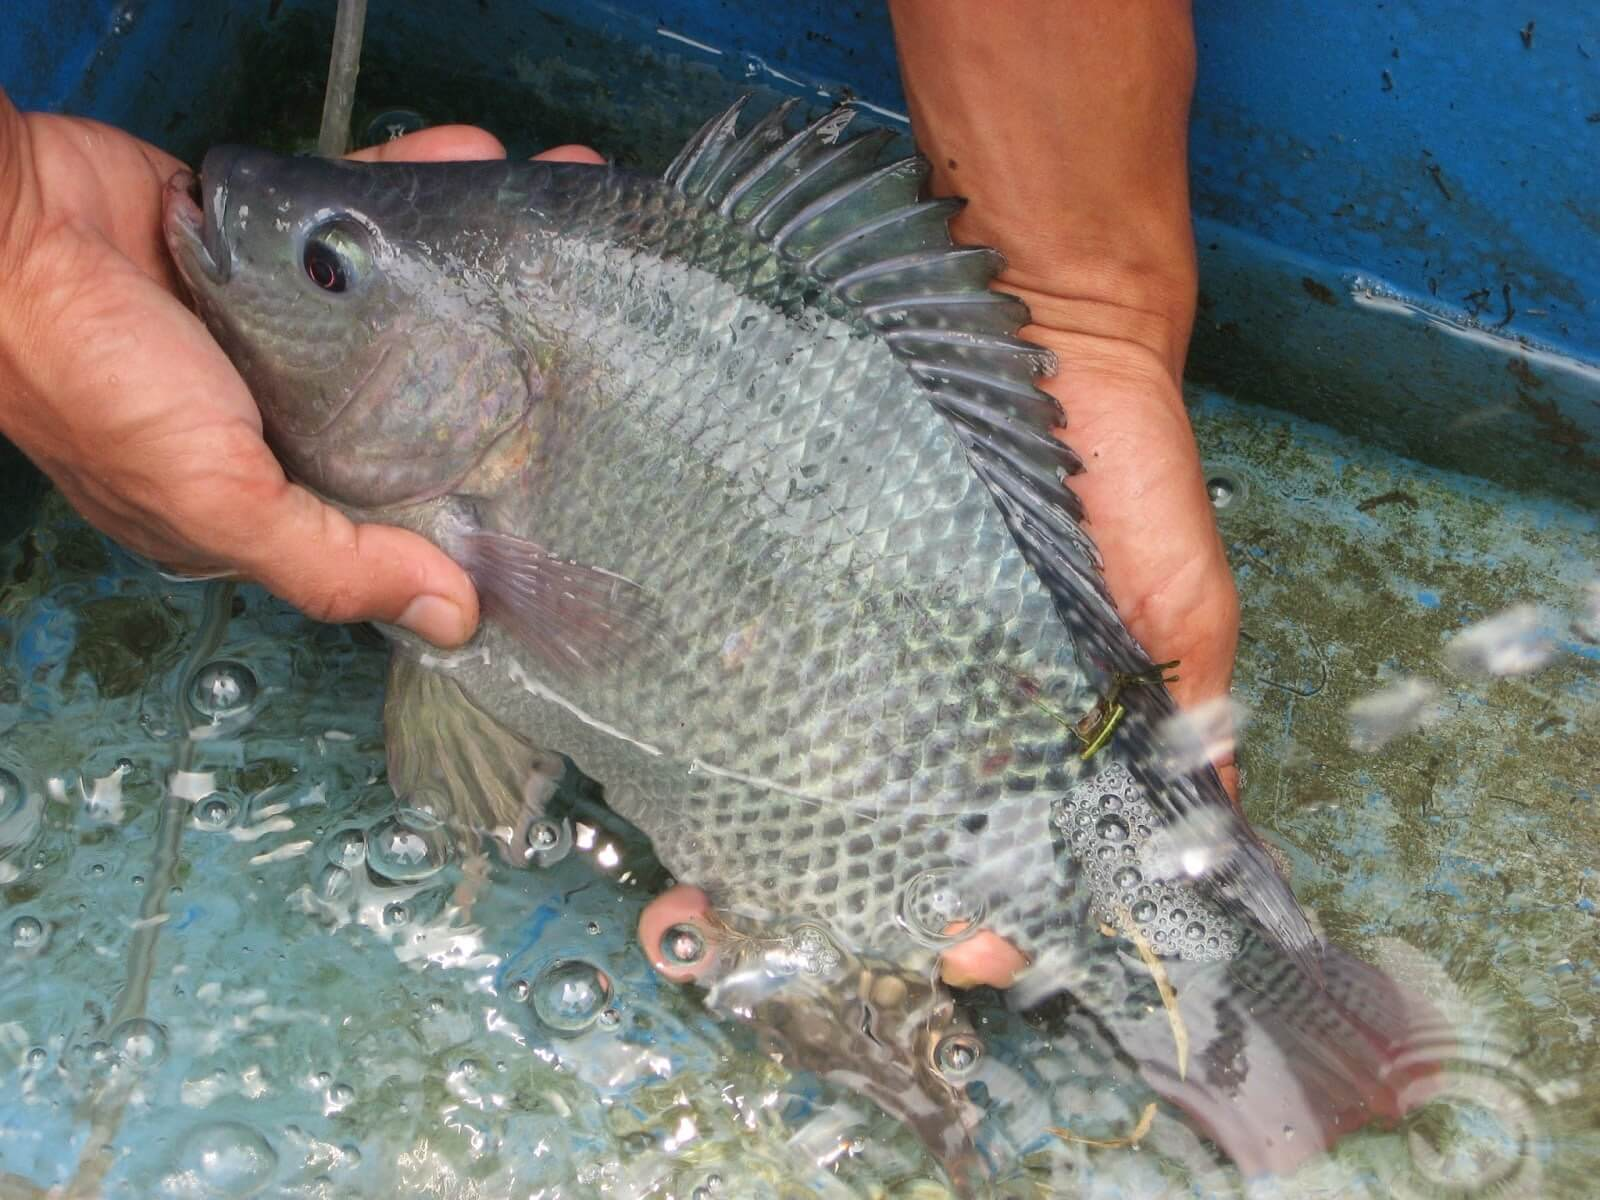 15 Jenis Ikan Air Tawar Yang Bisa Jadi Referensi Untuk Memulai Bisnis Budidaya 4